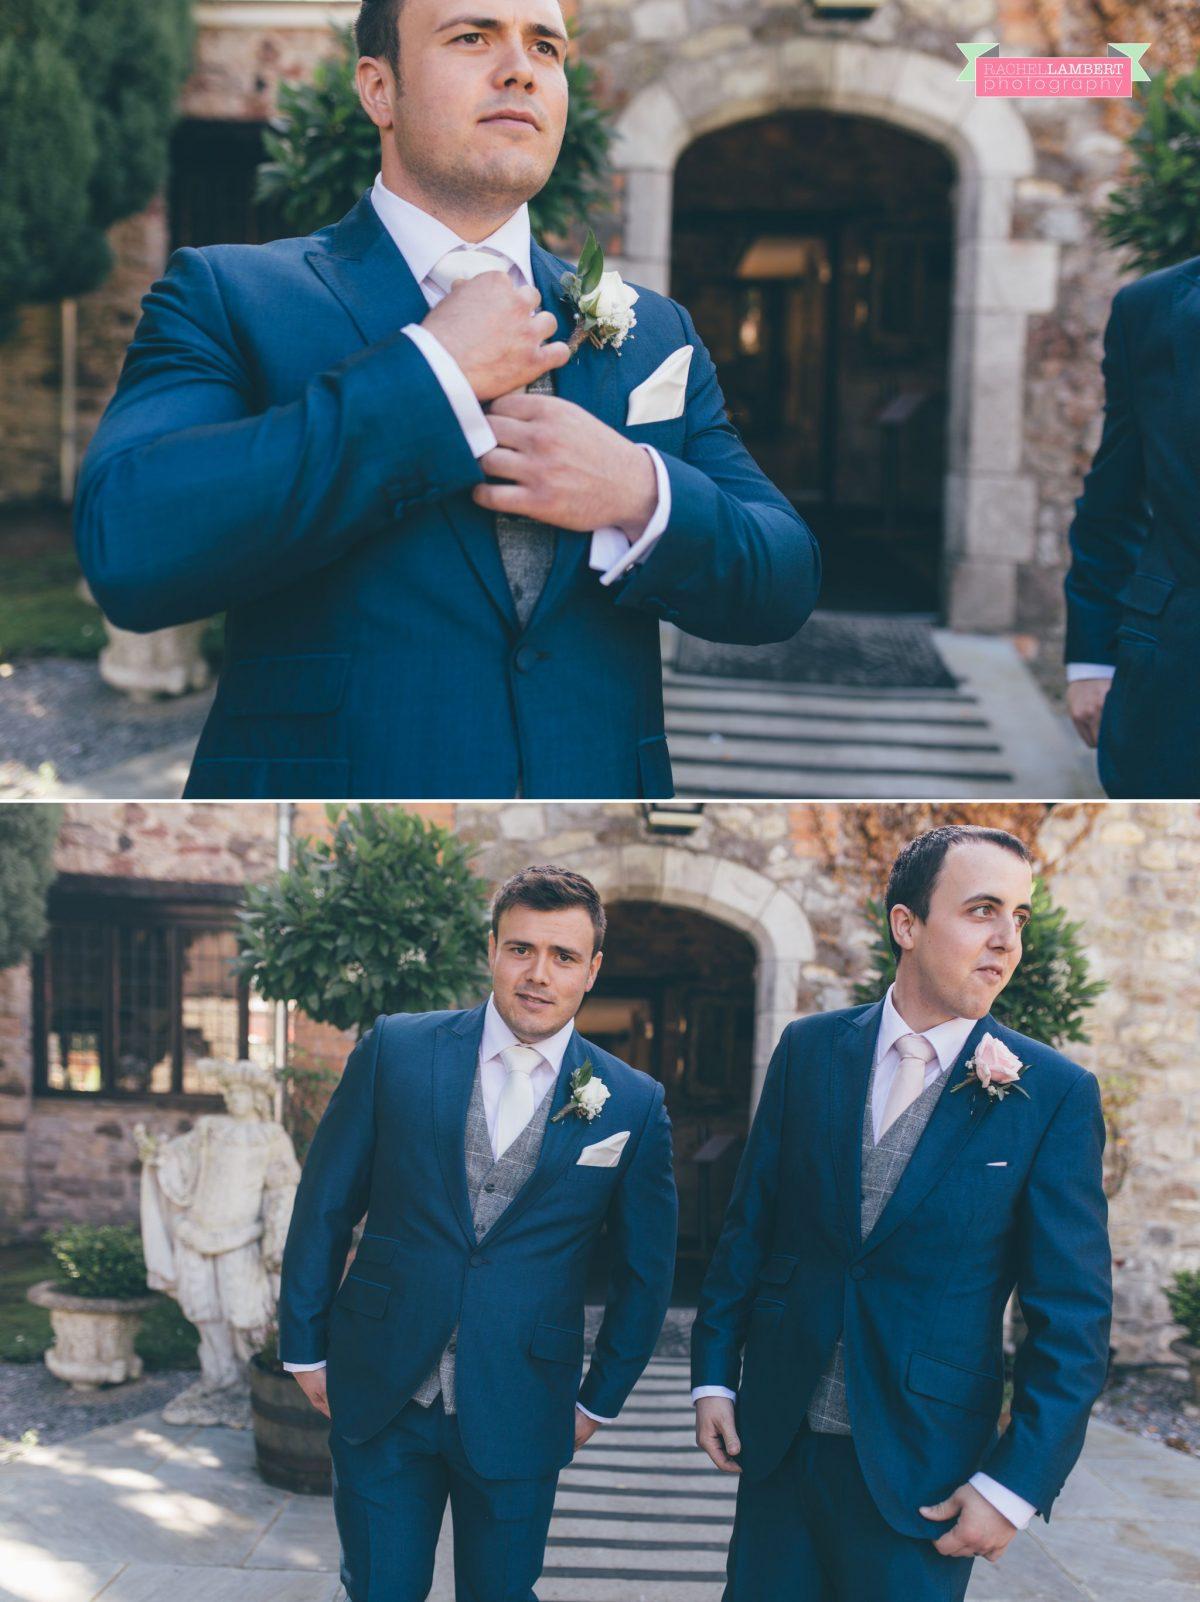 welsh_wedding_photographer_rachel_lambert_photography_pencoed_house_cardiff_rachel_nathan_ 12